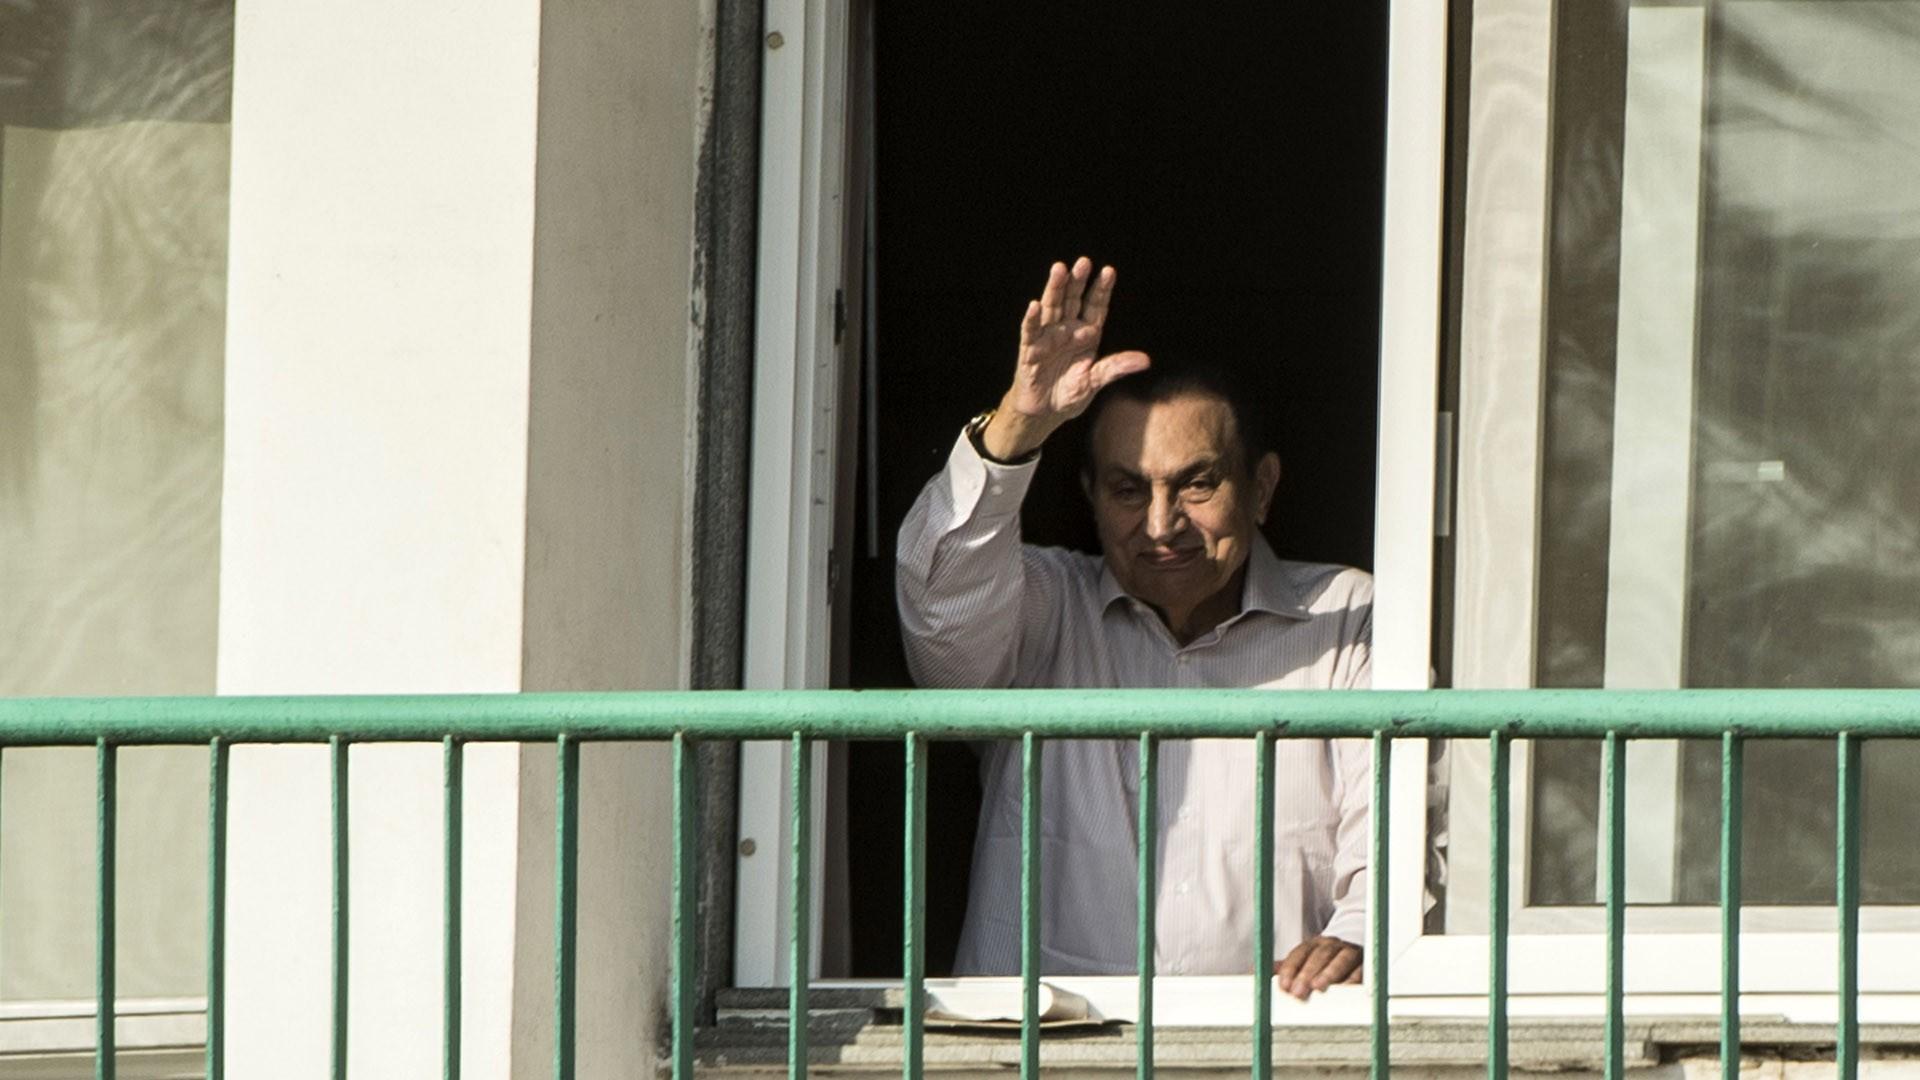 حلقة-خاصة-بإرث-مبارك-..-من-السلطة-إلى-الإطاحة-بحكمه